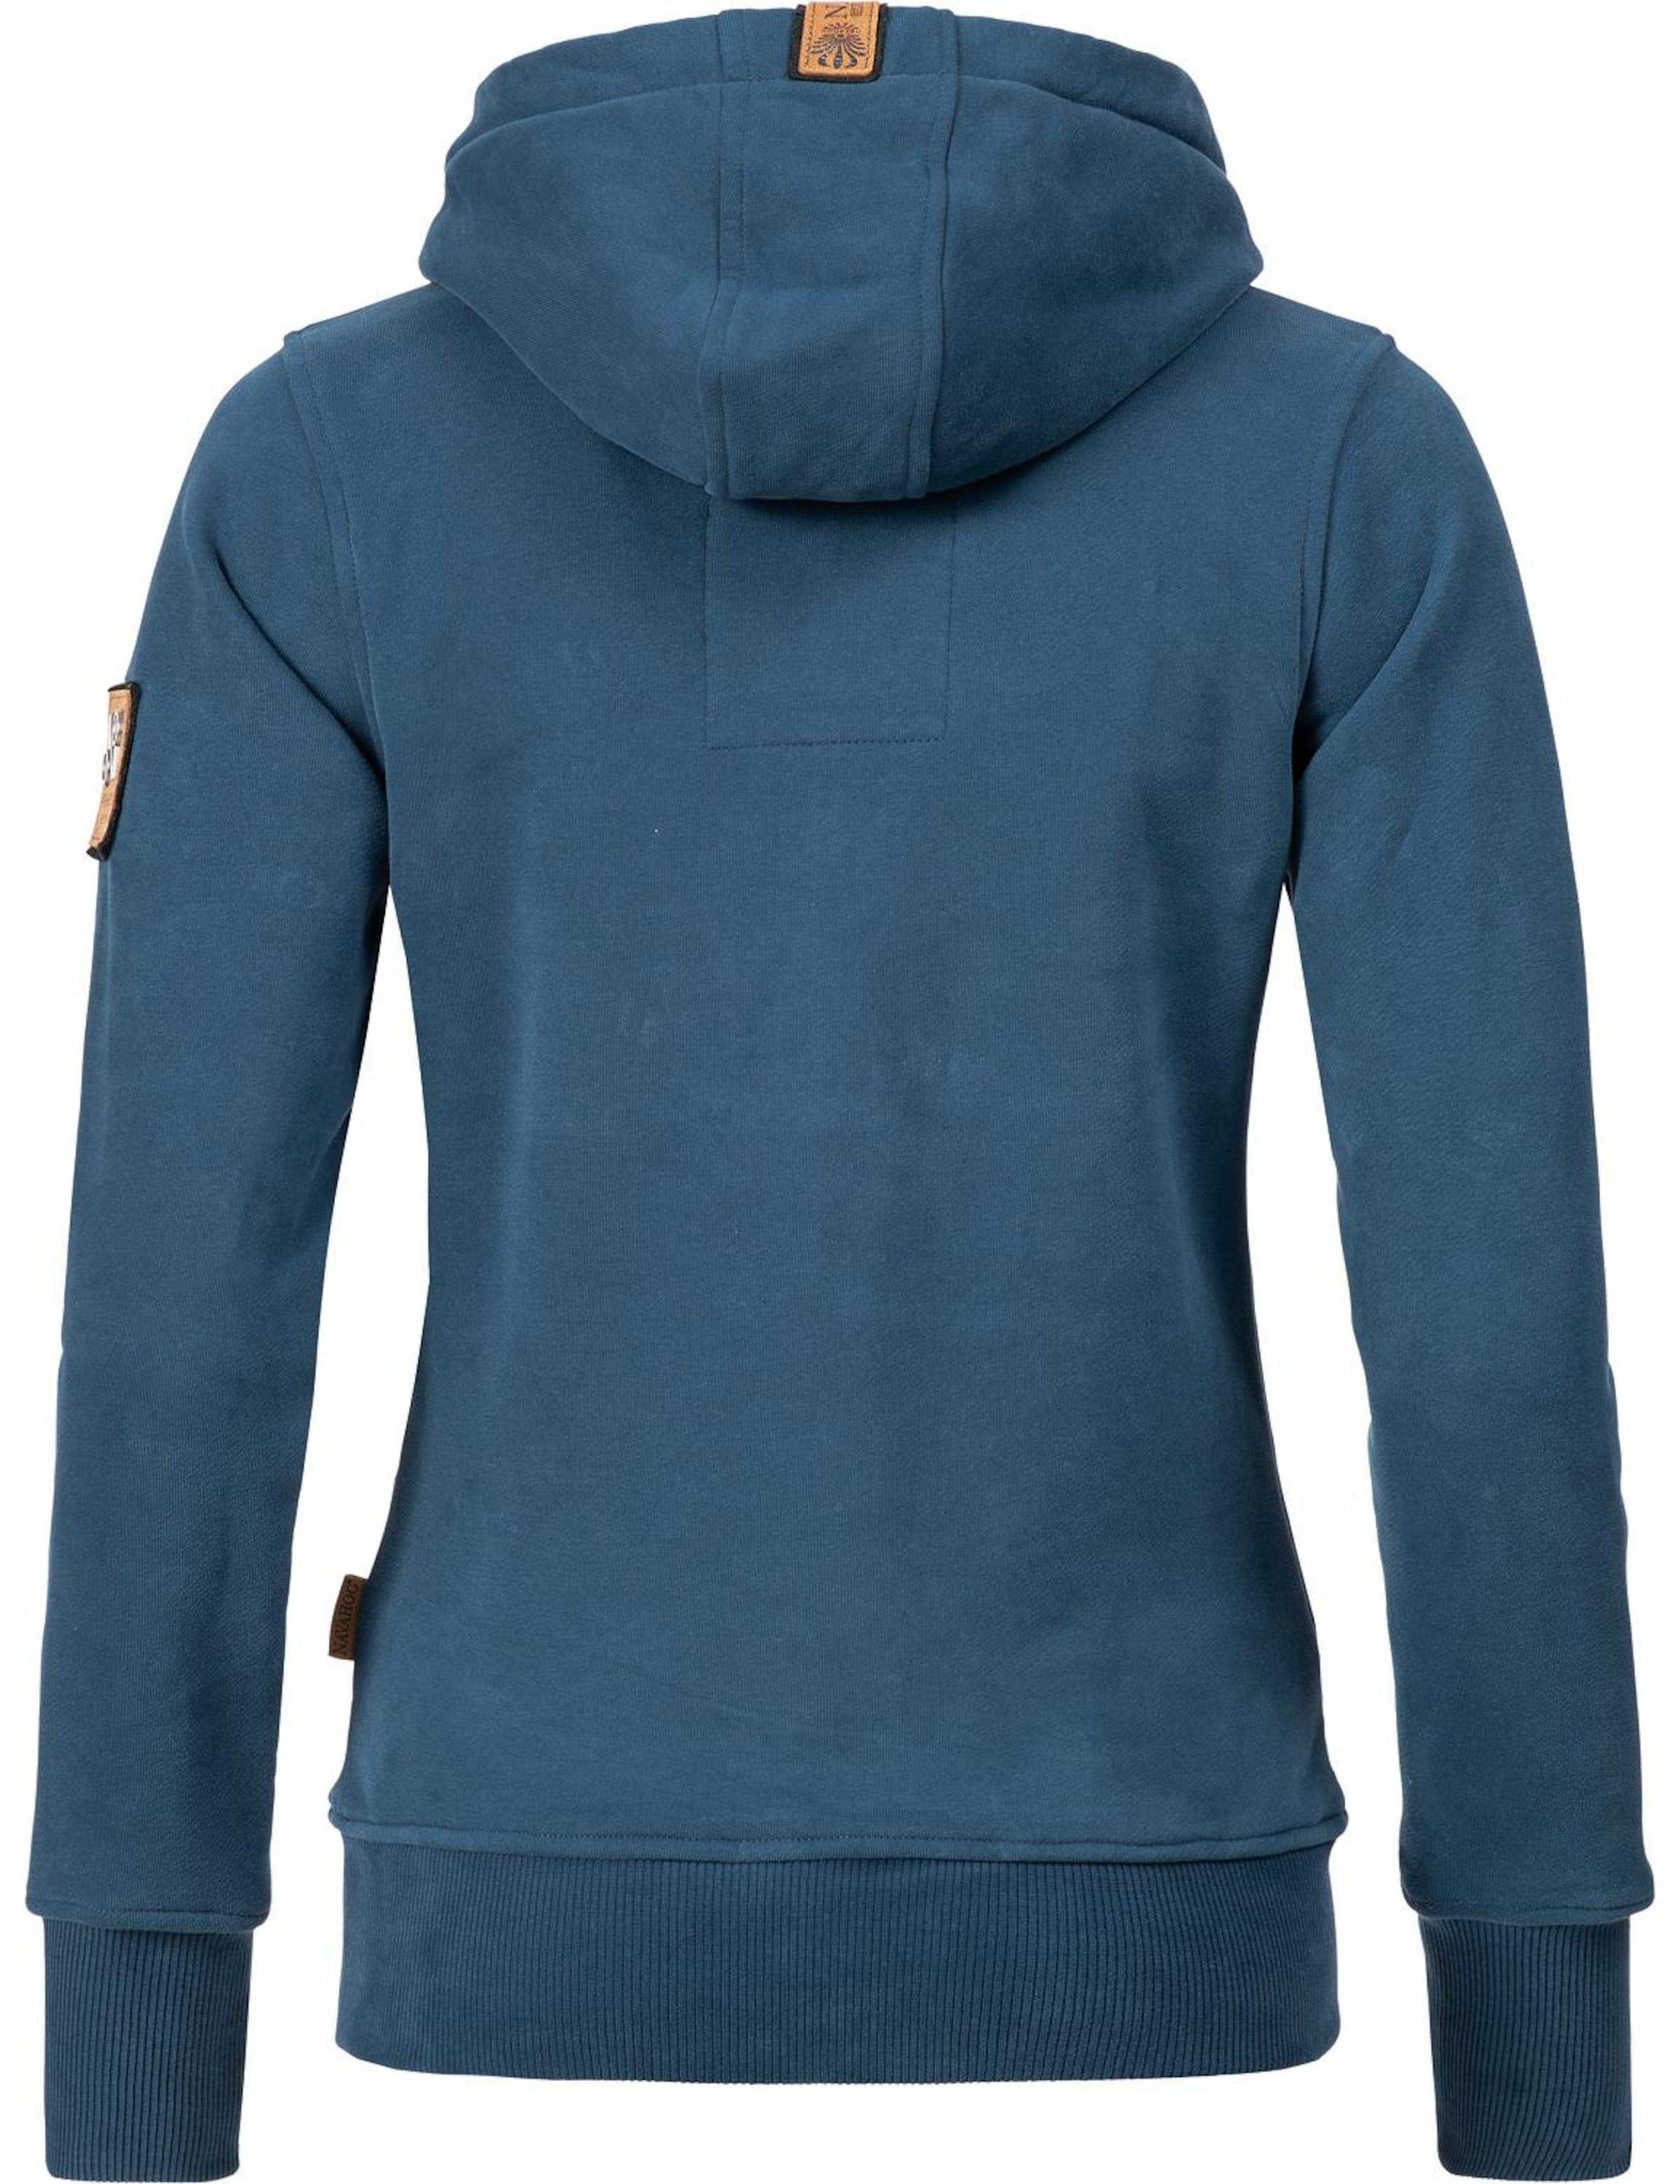 In Sweatshirt HimmelblauBraun Weiß Navahoo 'damlaa' fbv7g6Yy